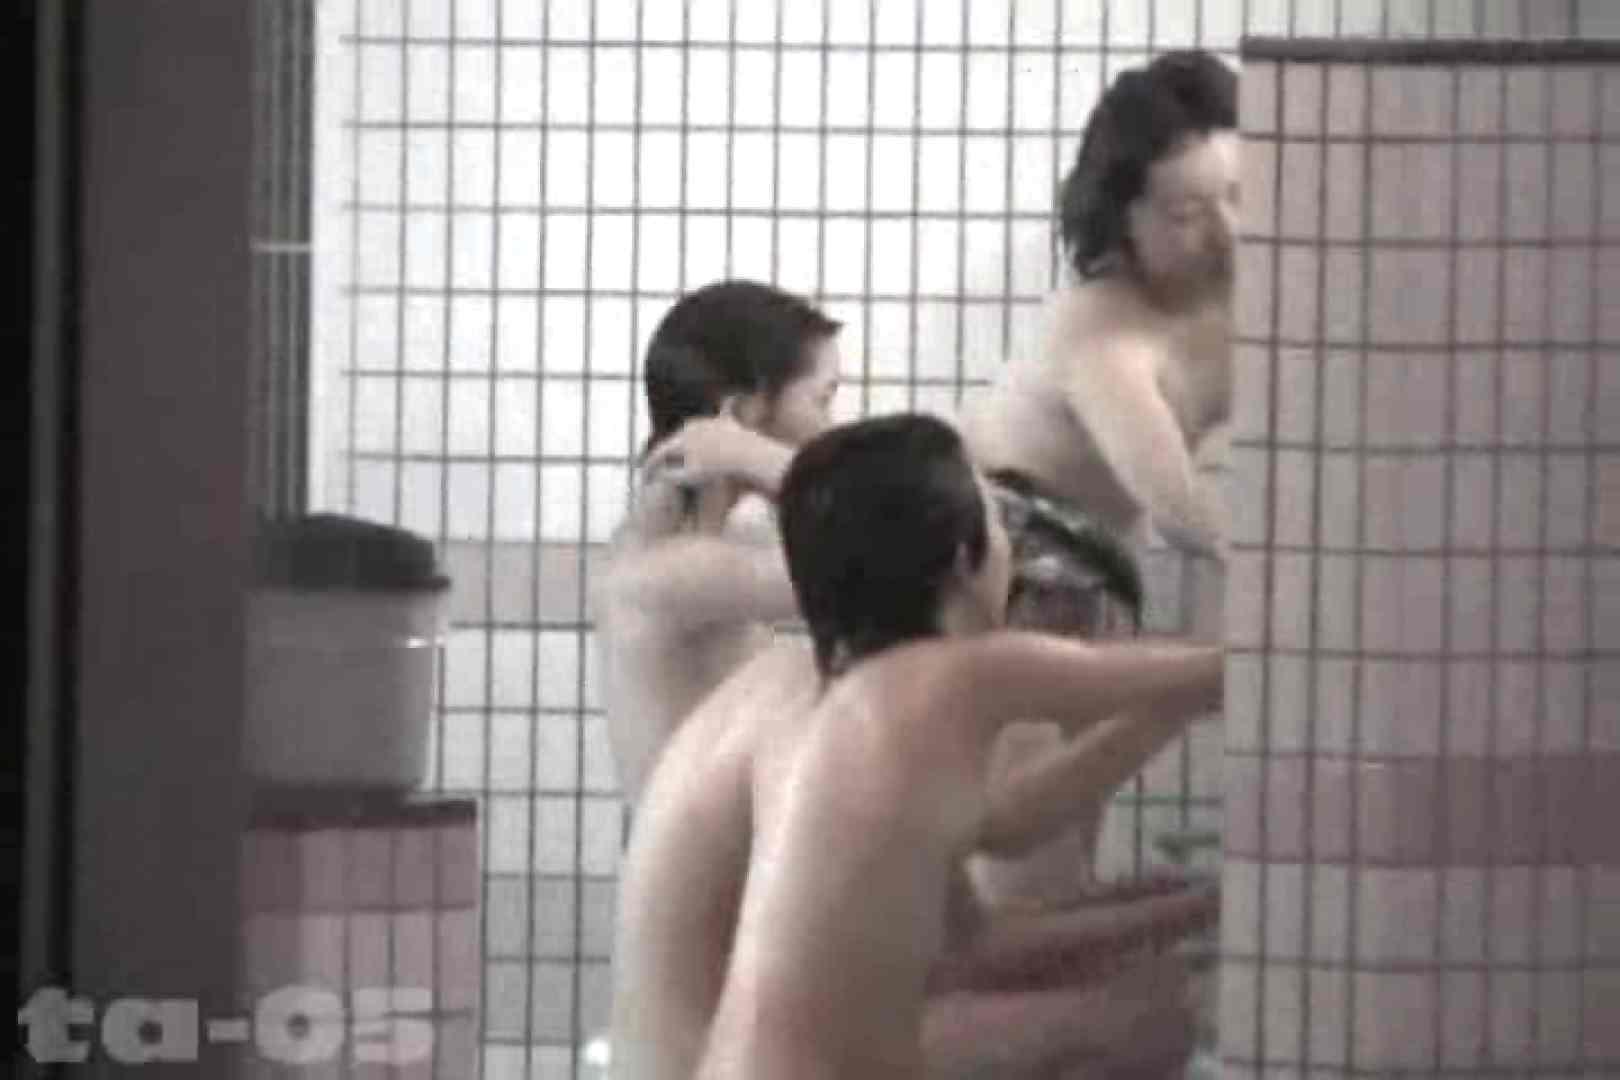 合宿ホテル女風呂盗撮高画質版 Vol.05 盗撮 覗きおまんこ画像 29pic 27